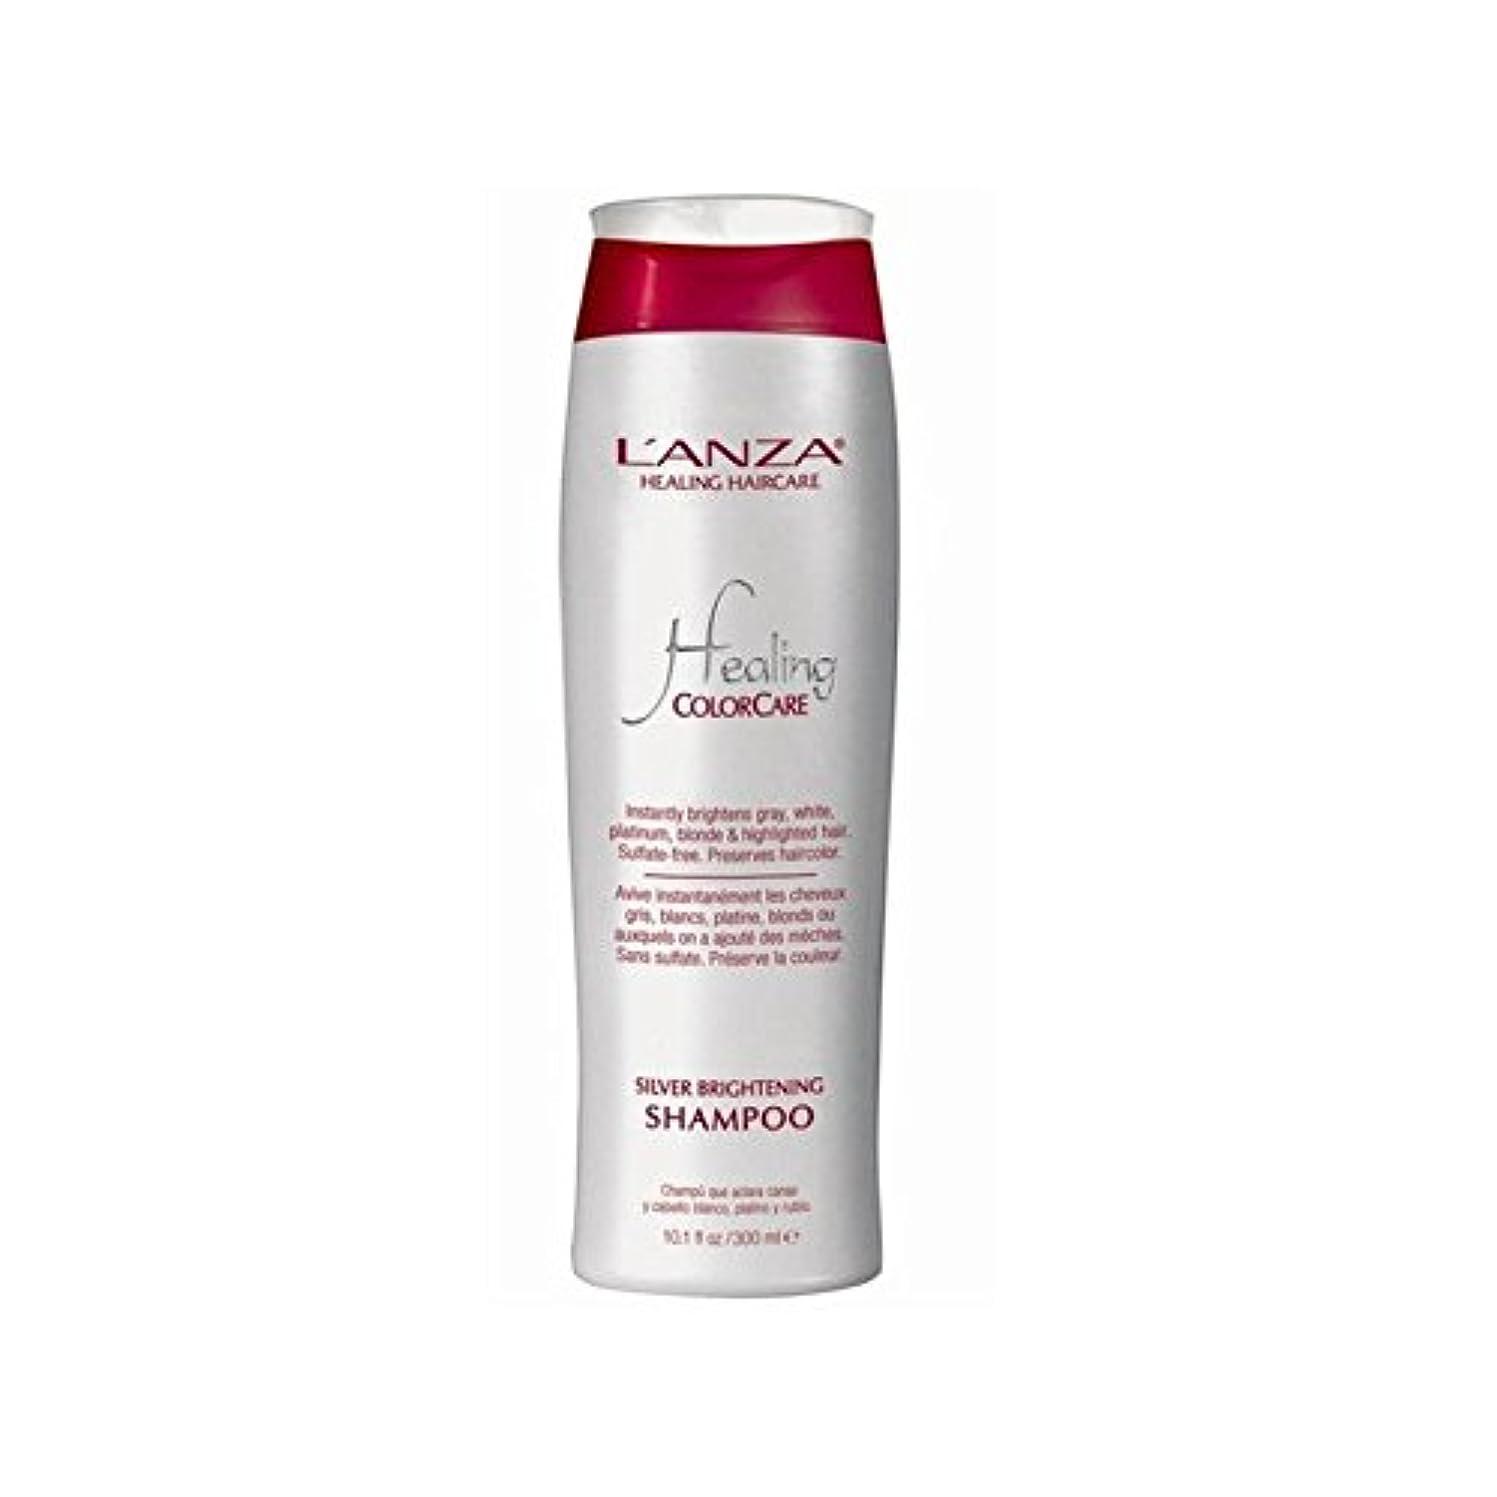 割れ目接続された彼らは銀光沢シャンプーを癒し'アンザ(300ミリリットル) x4 - L'Anza Healing Colorcare Silver Brightening Shampoo (300ml) (Pack of 4) [並行輸入品]